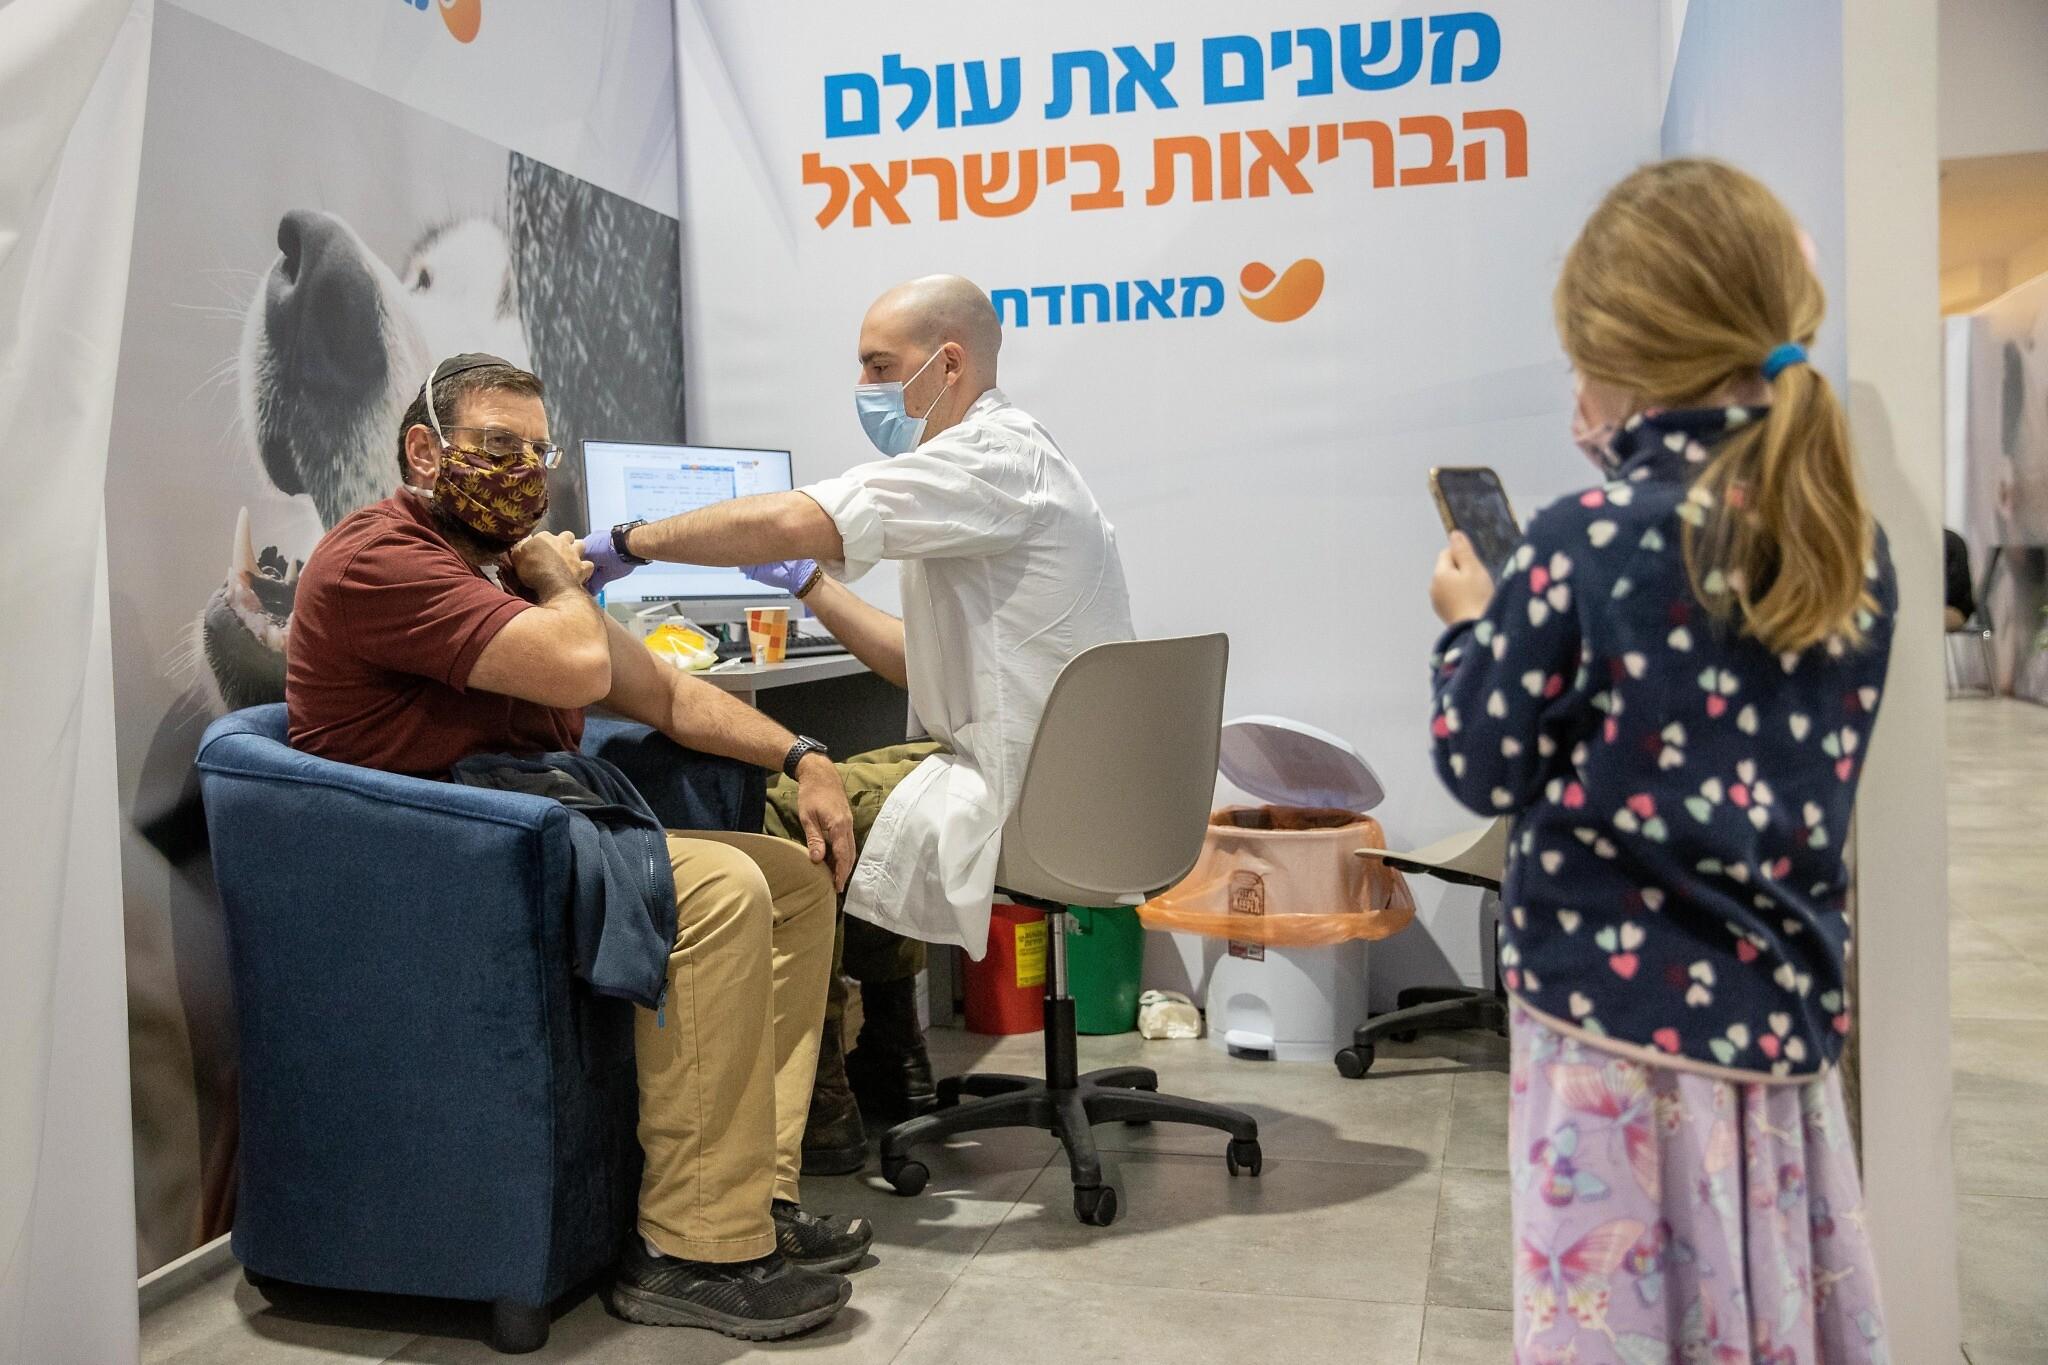 Már csaknem kétmillió izraeli megkapta az első dózist a koronavírus elleni vakcinából